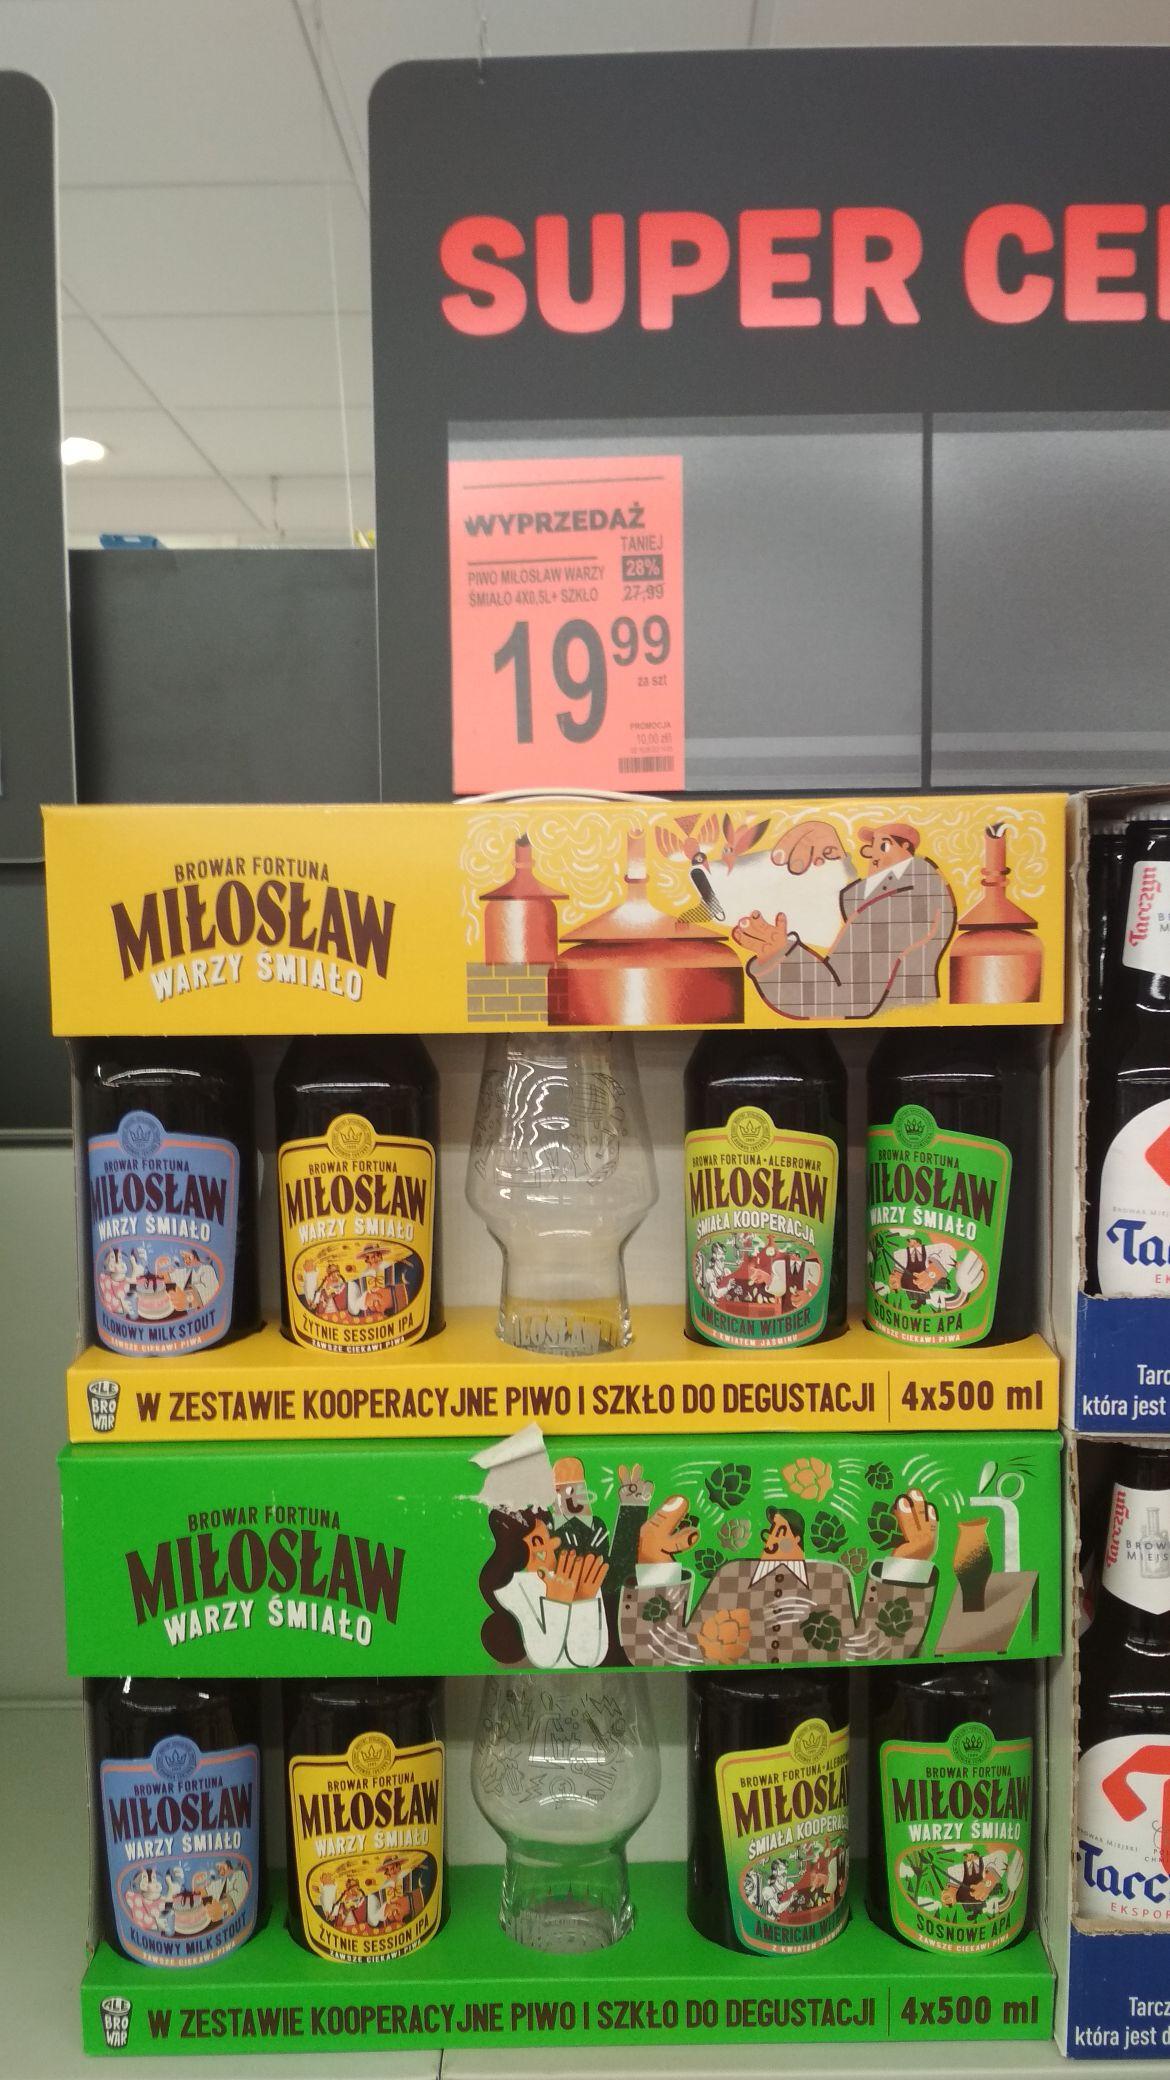 Piwo Miłosław 4x500 ml + szklanką